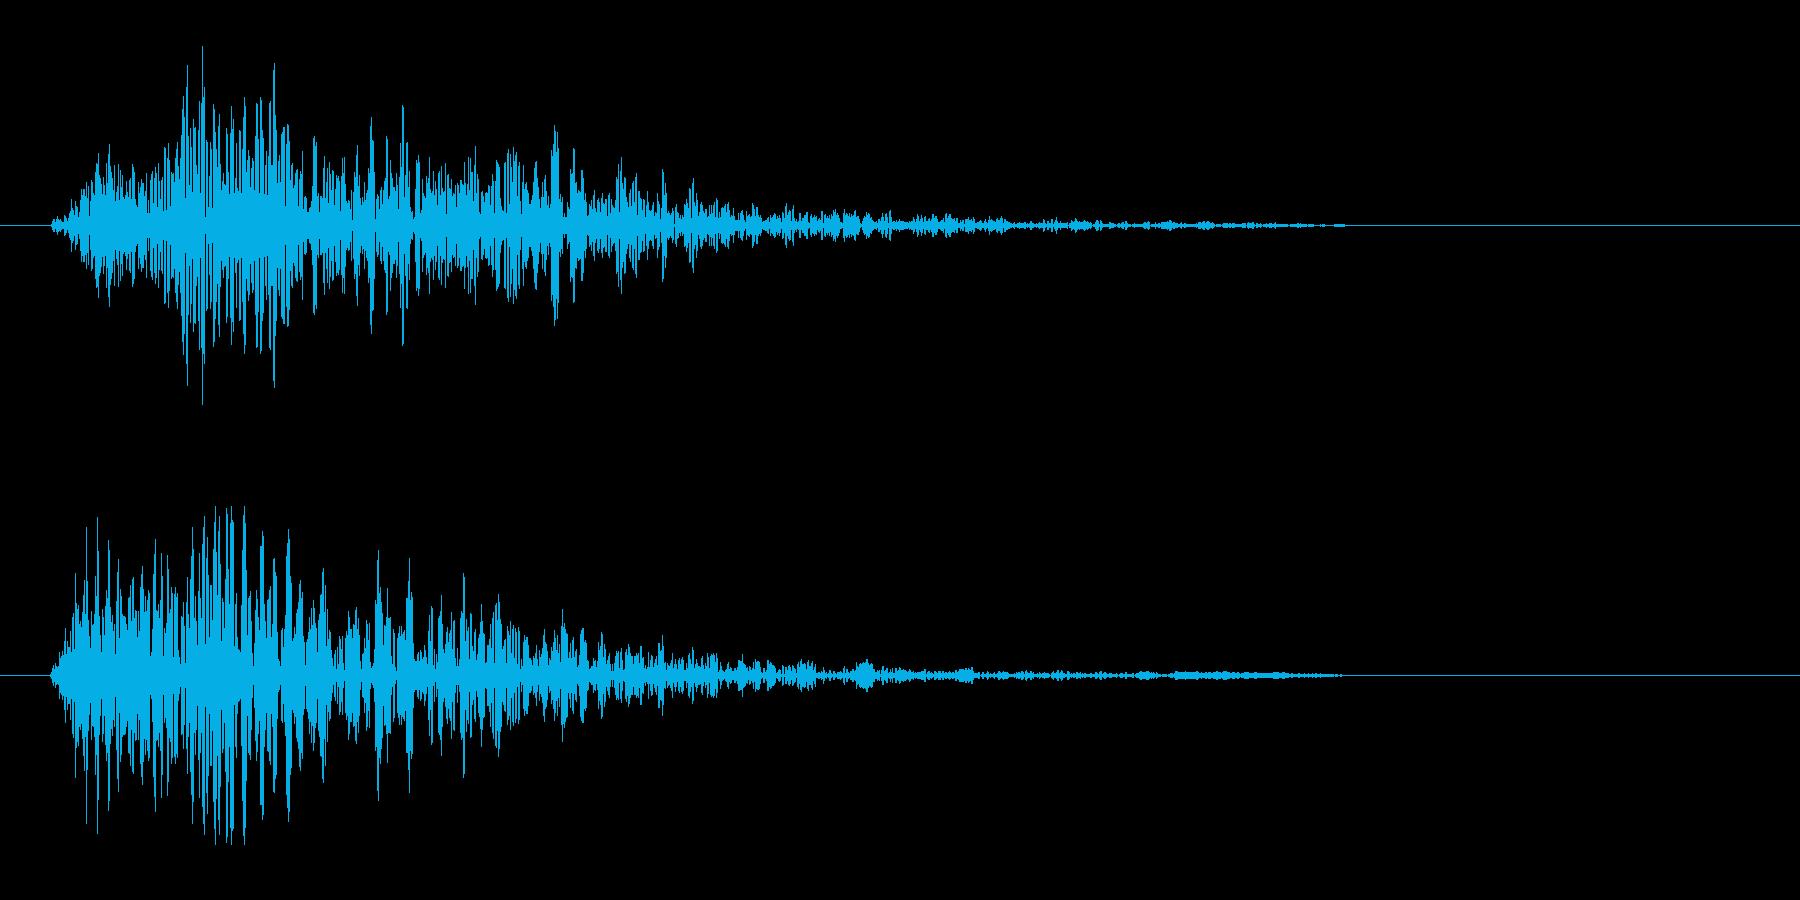 ビュン(一瞬で通り過ぎる音)の再生済みの波形